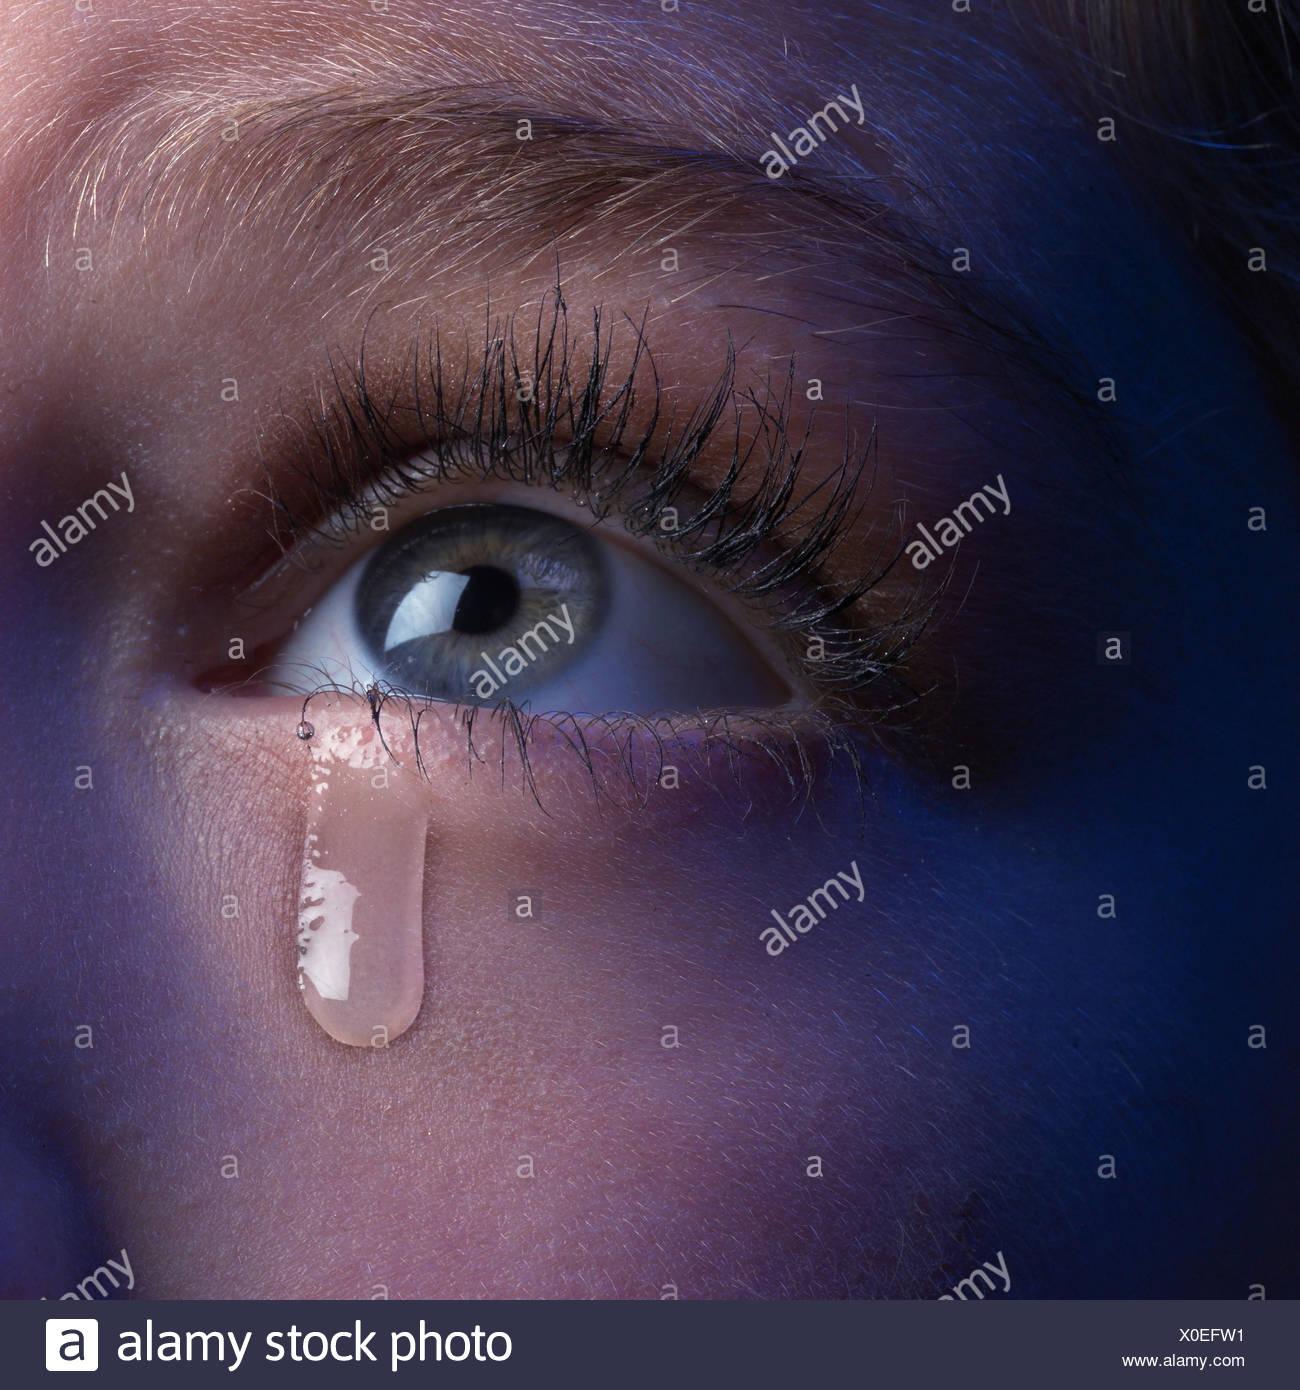 Femme En Larme femme, look, détail, oeil, larme, close up, jeune, de l'oeil, yeux